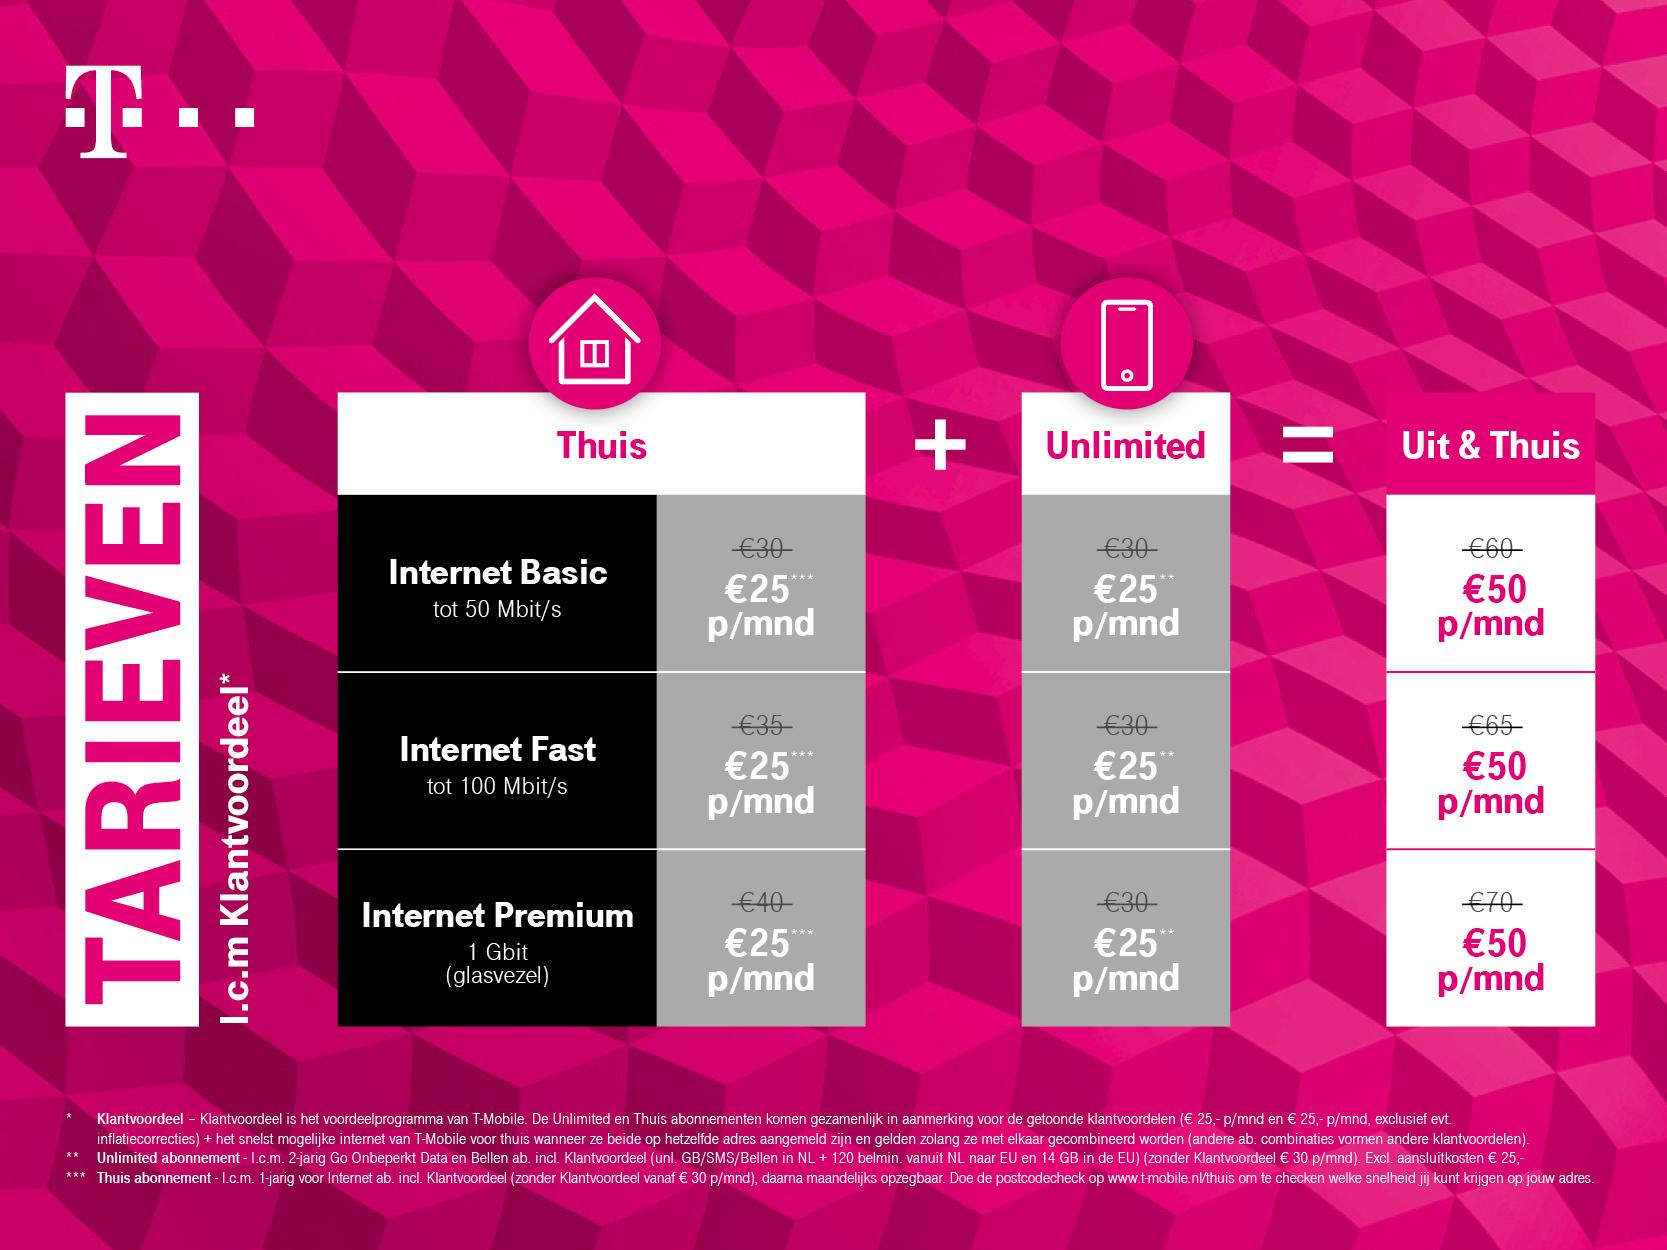 T-Mobile Uit & Thuis (internet tot 1 Gbit + unlimited mobiel) voor €50,- per maand